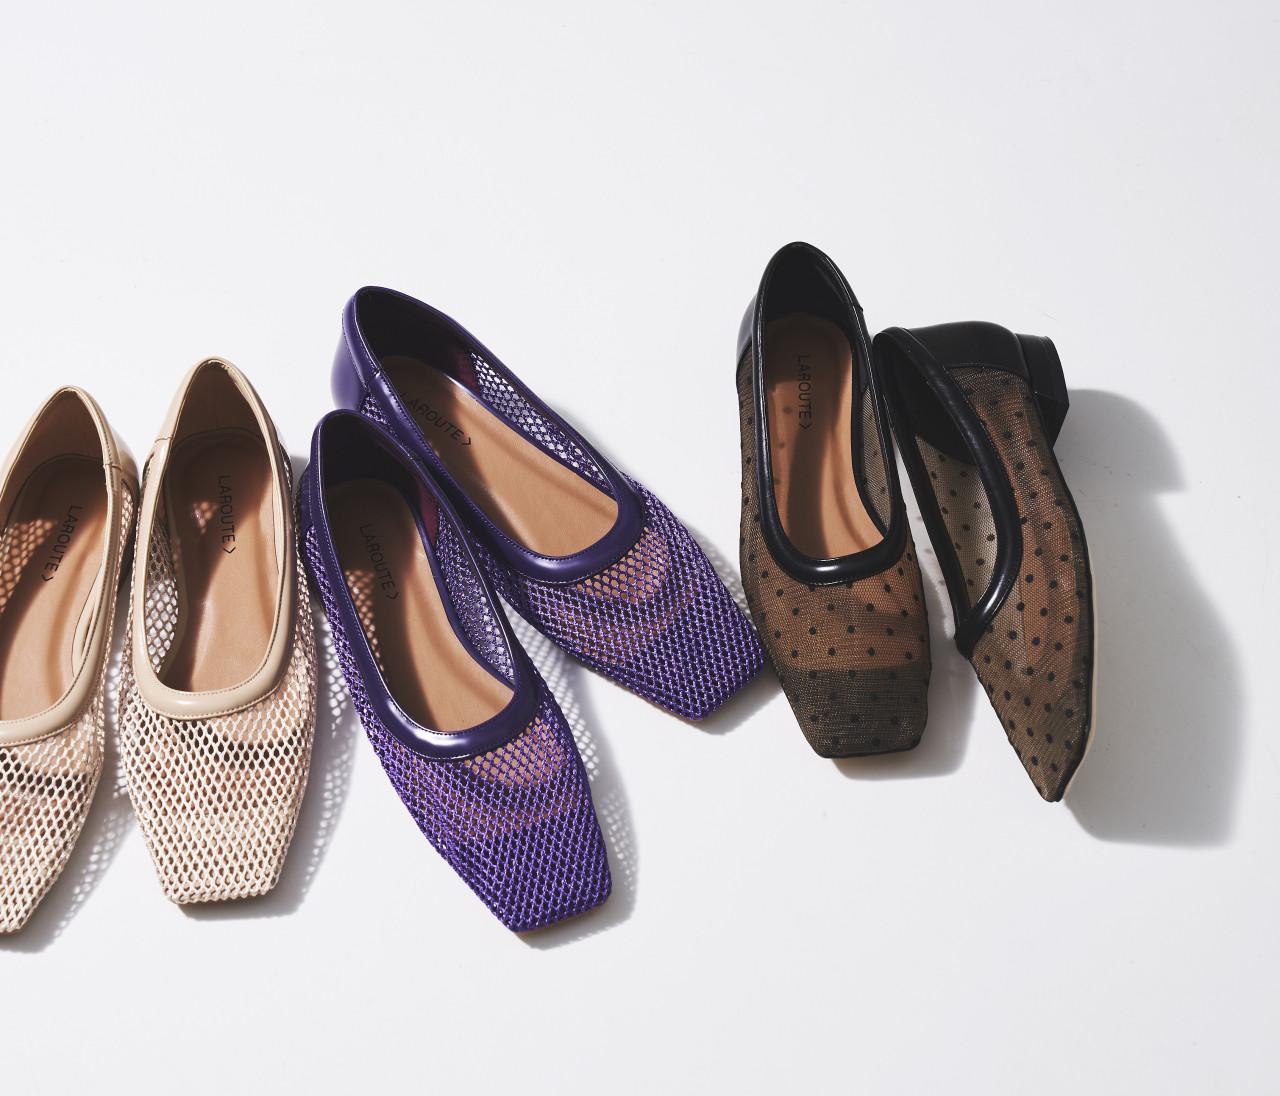 2021春夏デビュー!WEB限定ラインの靴ブランド【LAROUTE(ラルート)】が一足あれば、コーデが一気にあか抜ける!